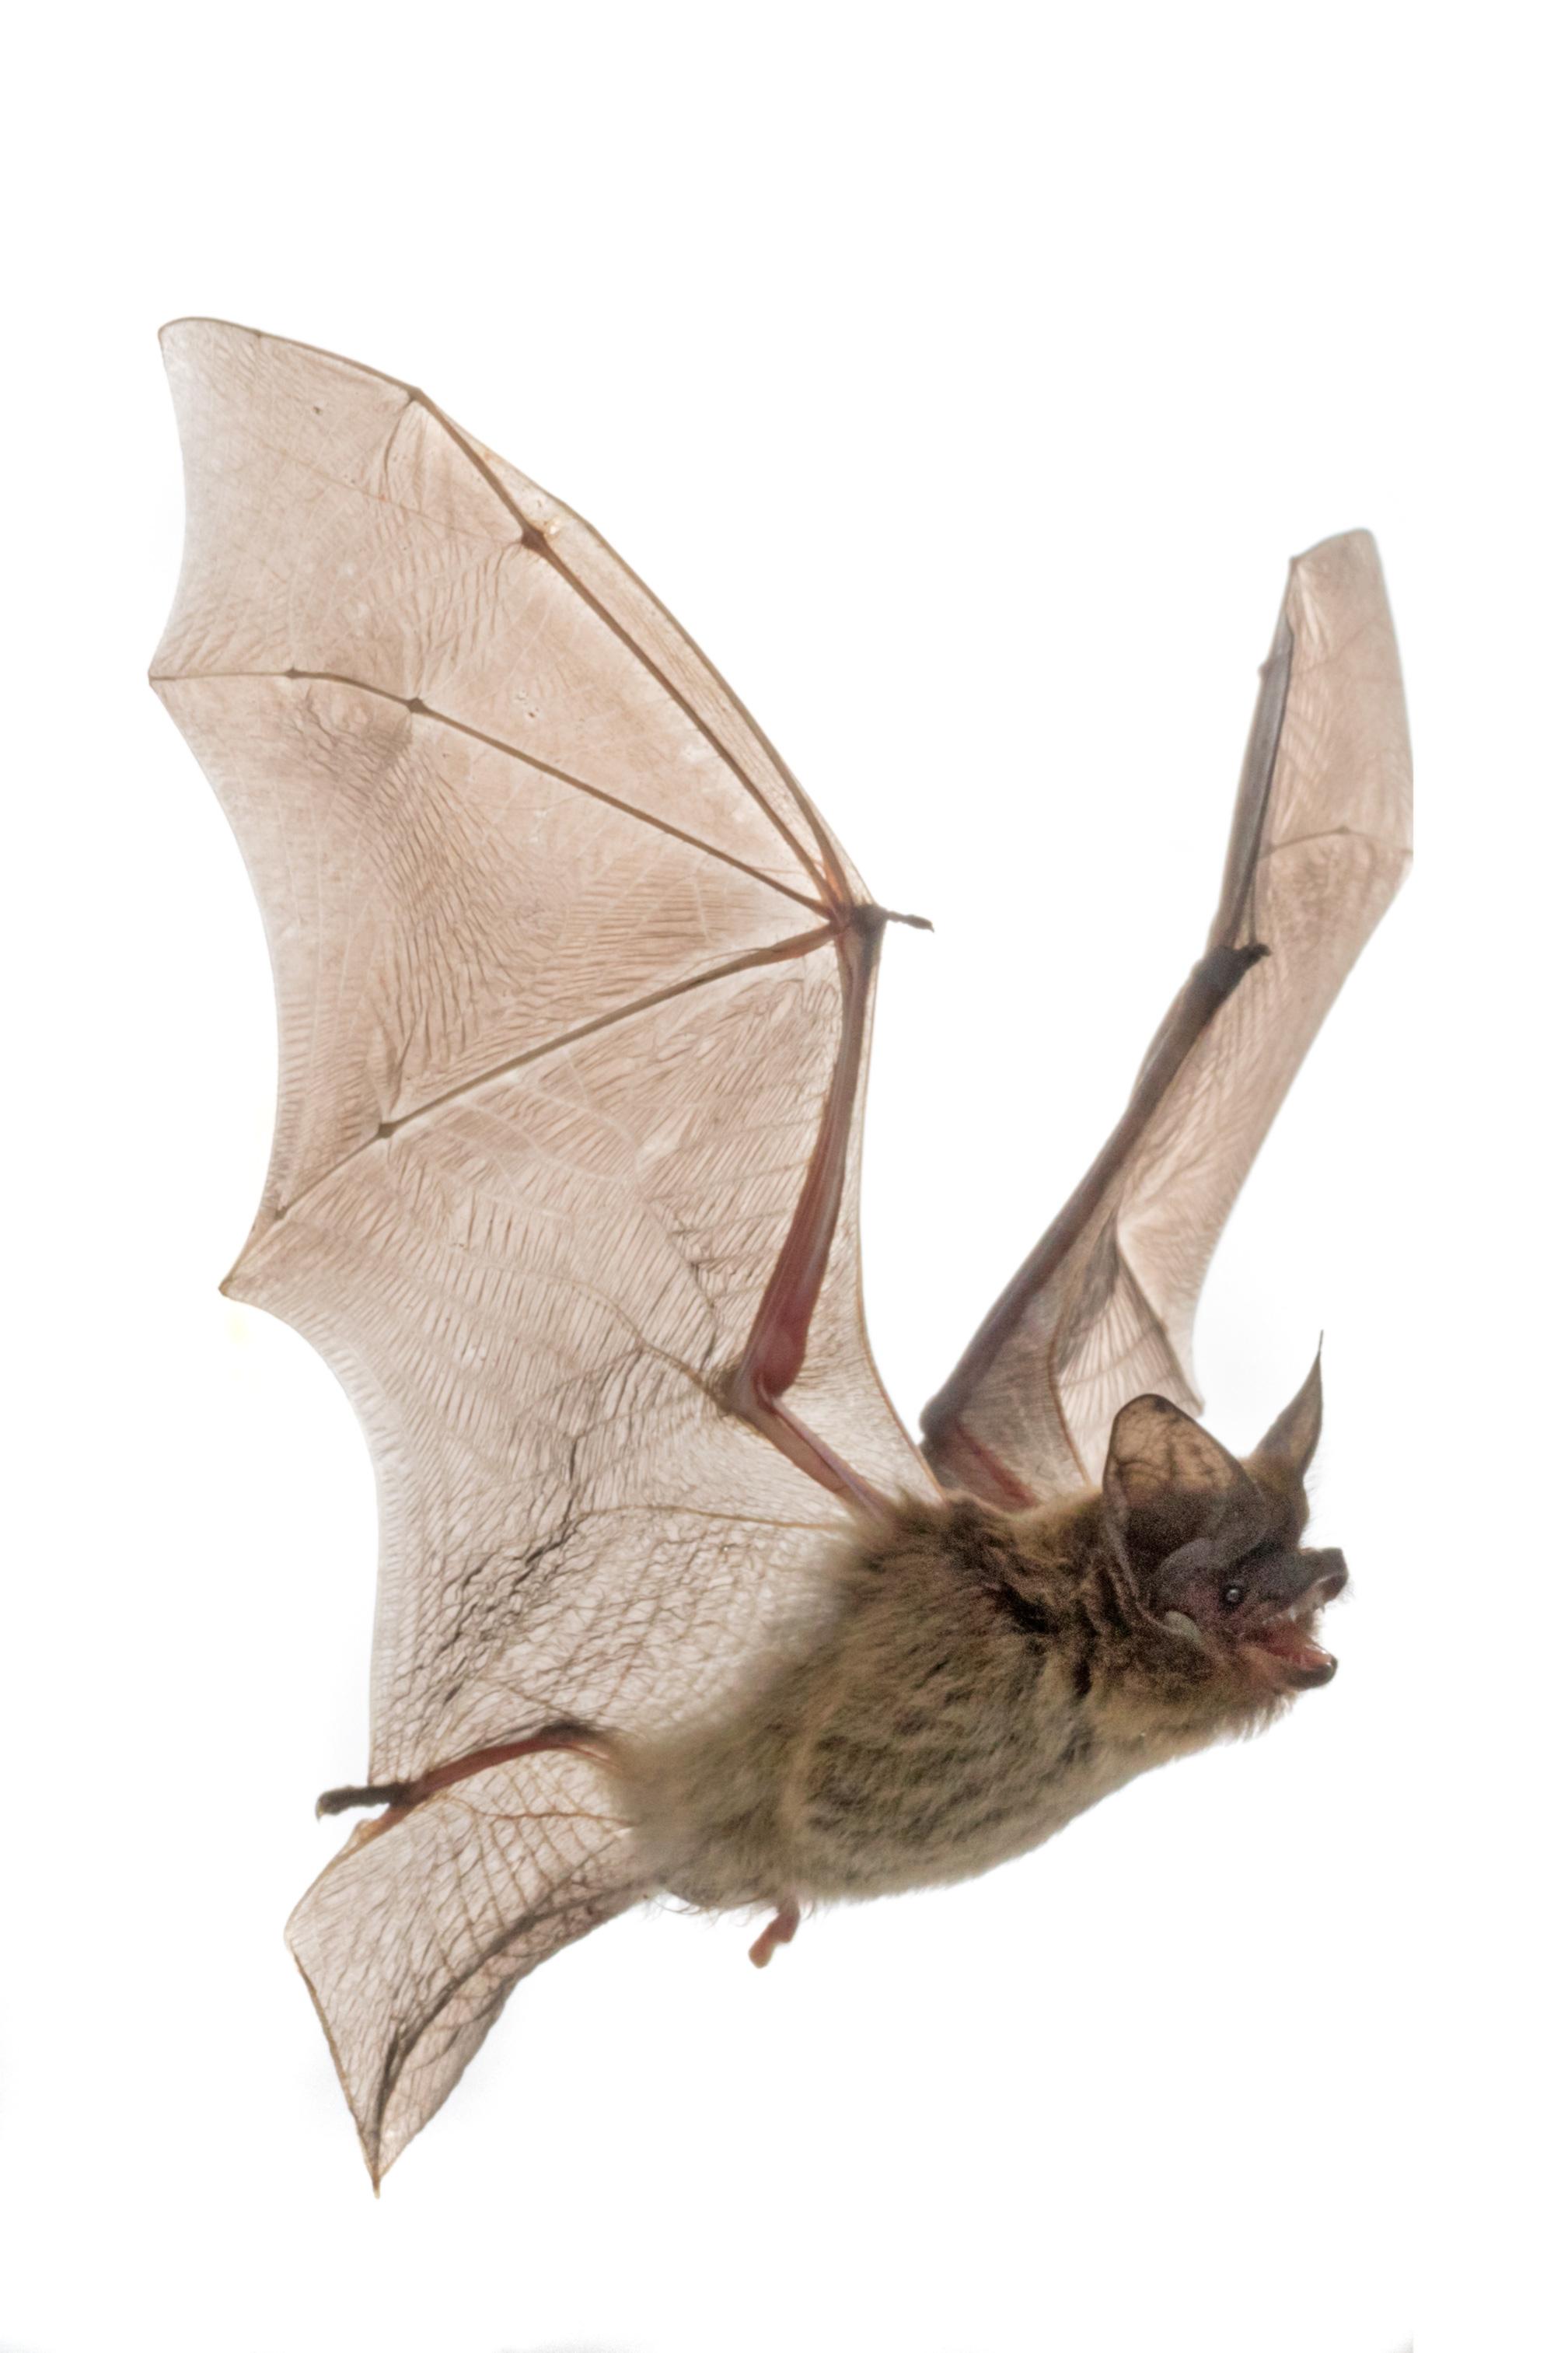 Laeophotis botswanae, the Botswanan long-eared bat.